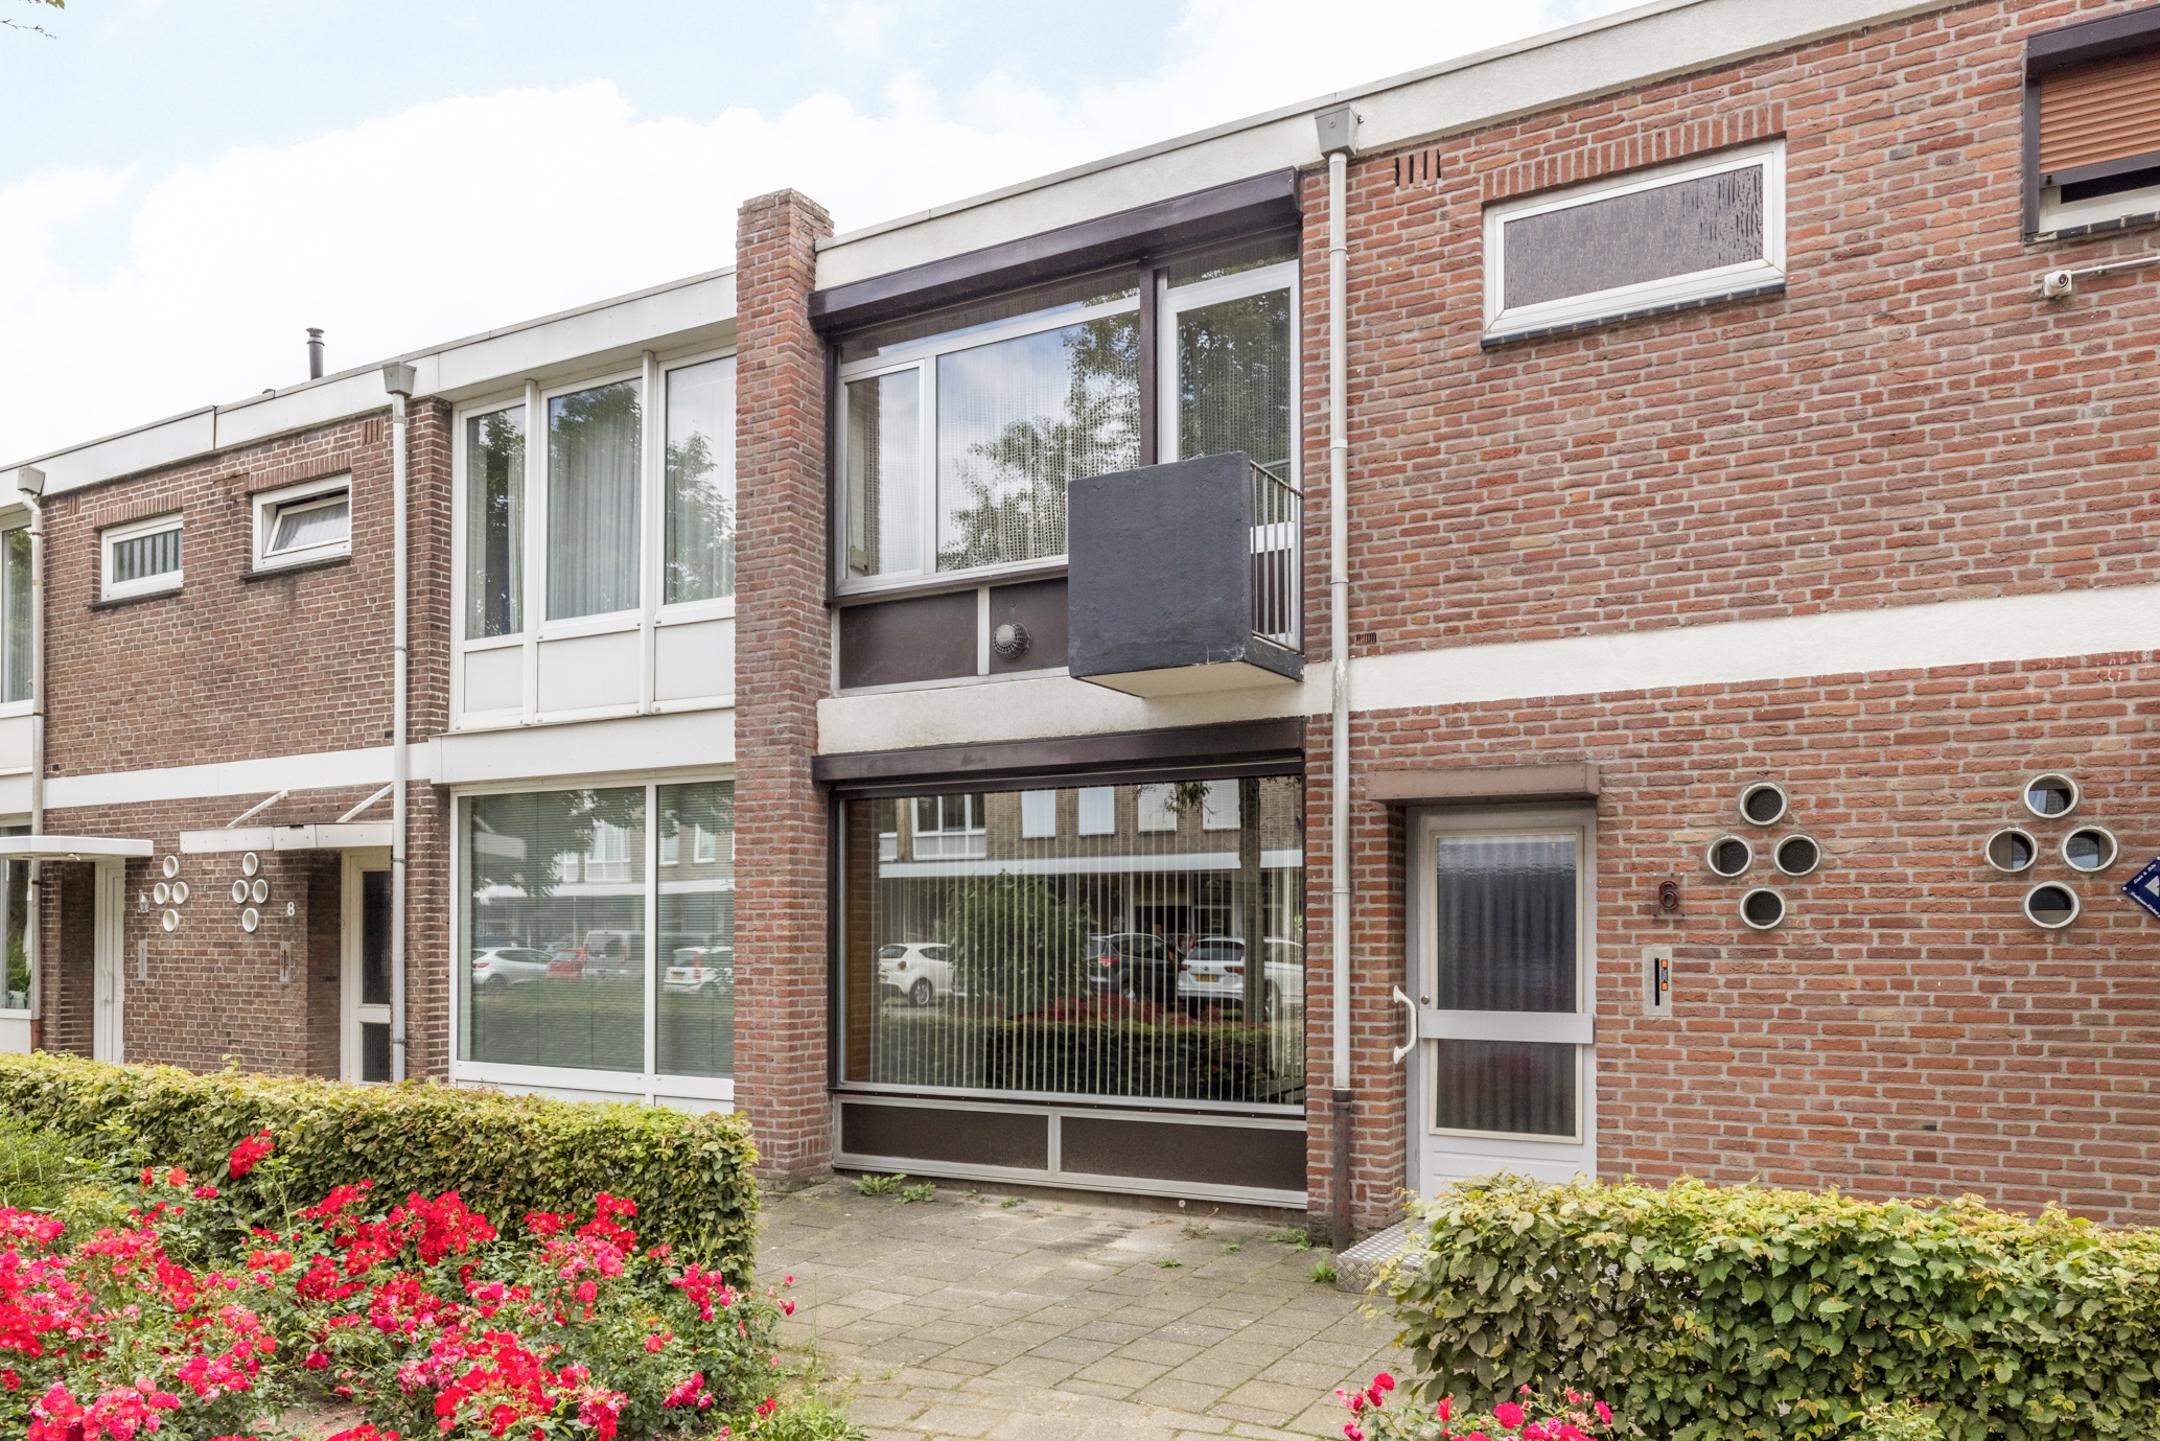 Mgr. Hanssenstraat 6, Heerlen